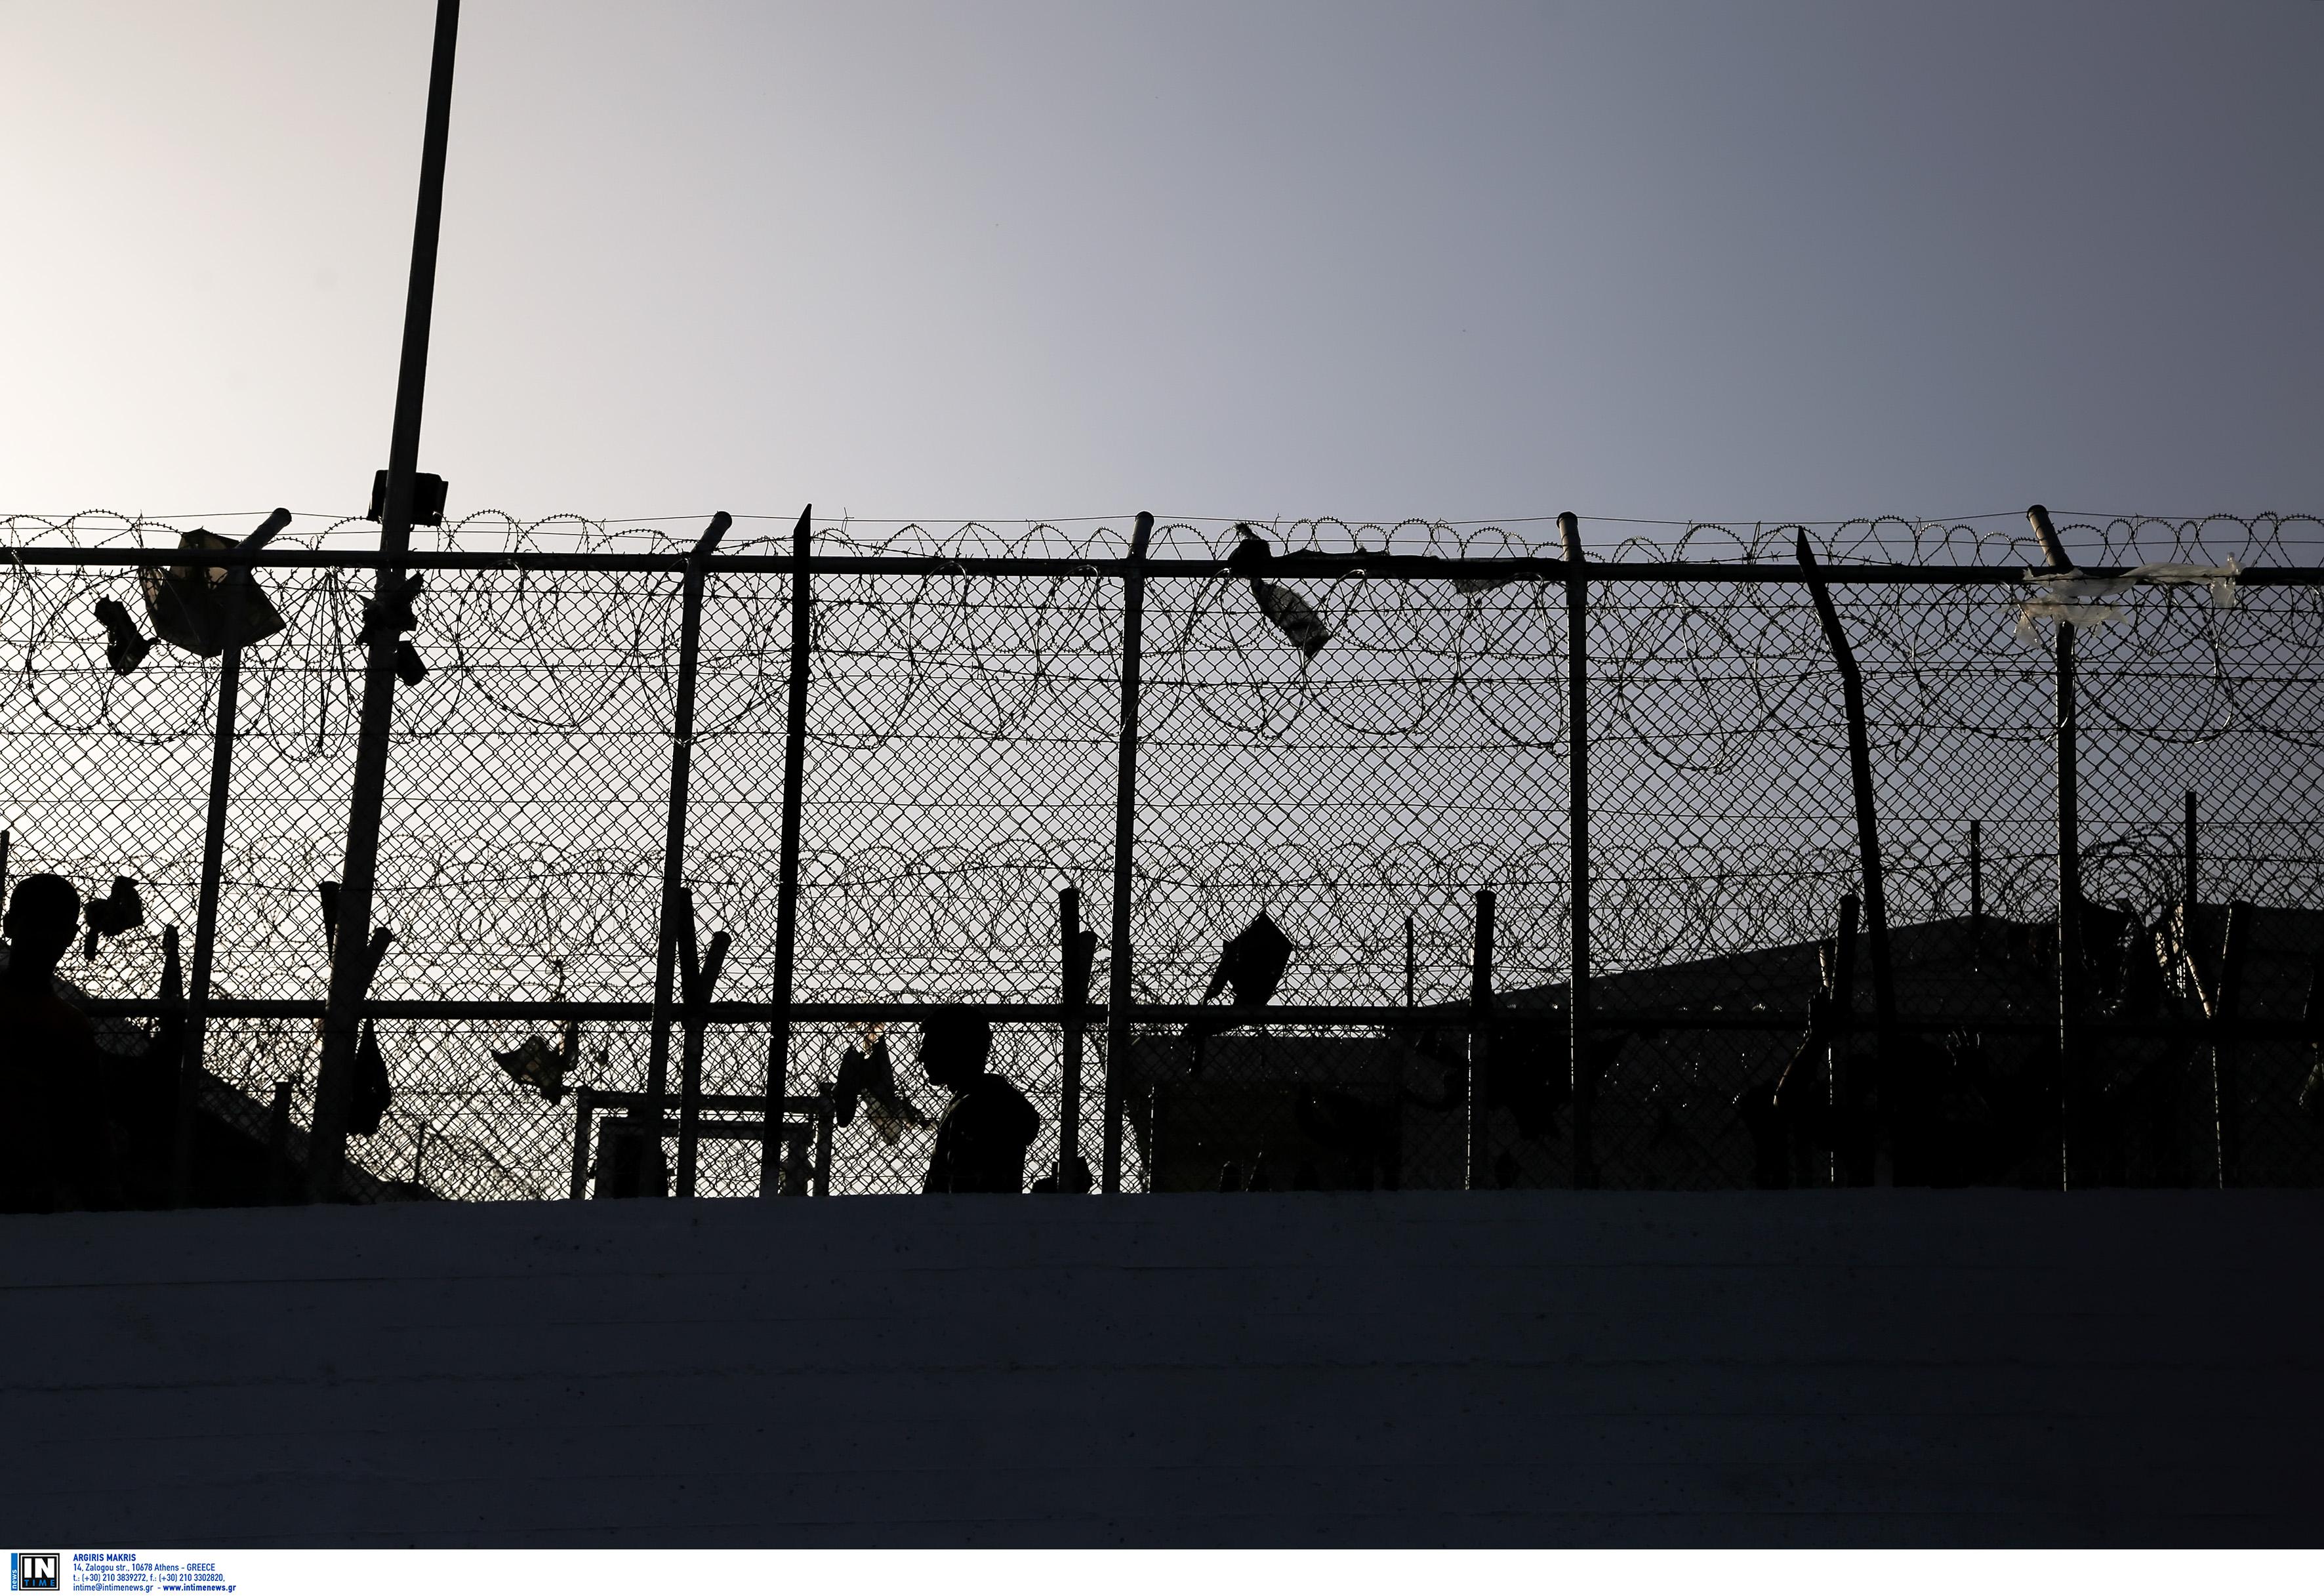 Άγριο φονικό στη Μόρια! 15χρονος Αφγανός επιτέθηκε και σκότωσε συνομήλικο ομοεθνή του!